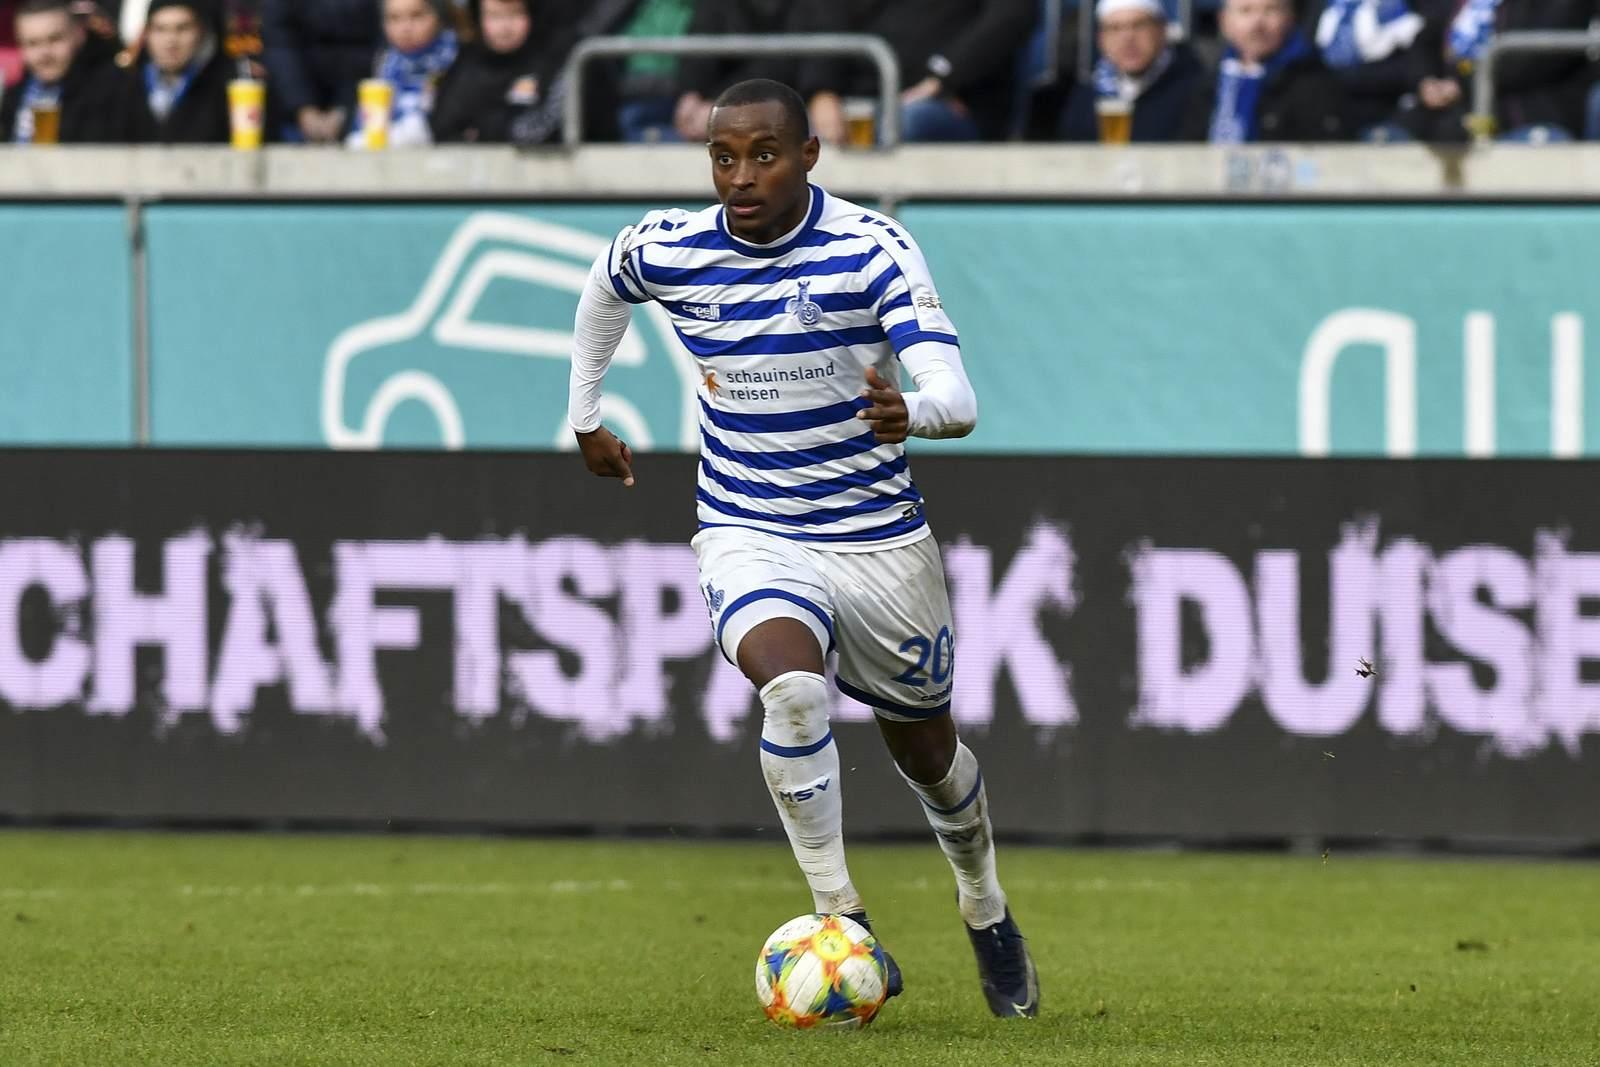 Leroy Jaques Mickels am Ball für den MSV Duisburg